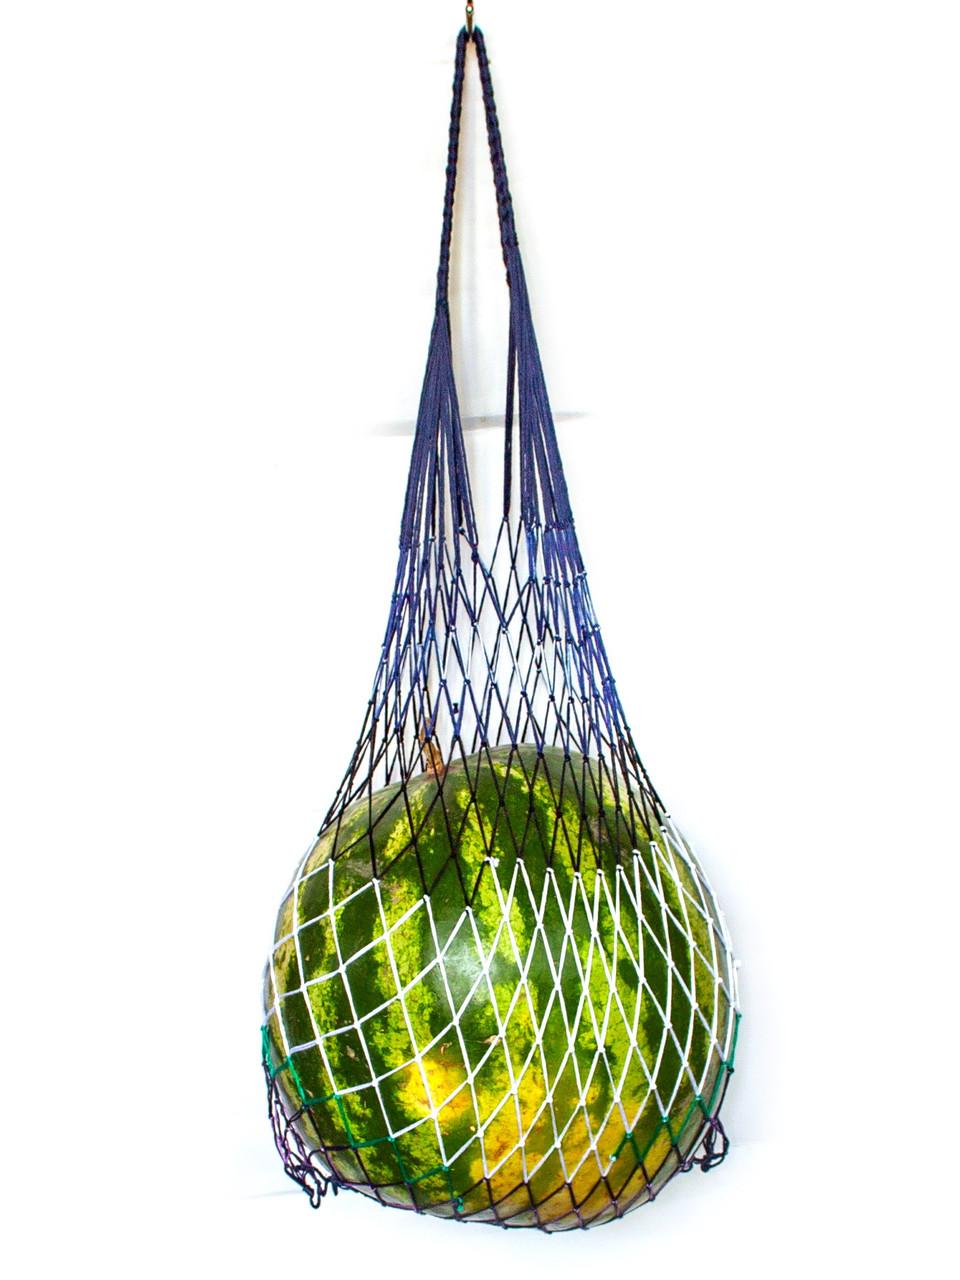 Эко сумка  - Шоппер сумка - Эксклюзивная Французская сумка - Овощная сумка - Сумка для Арбуза